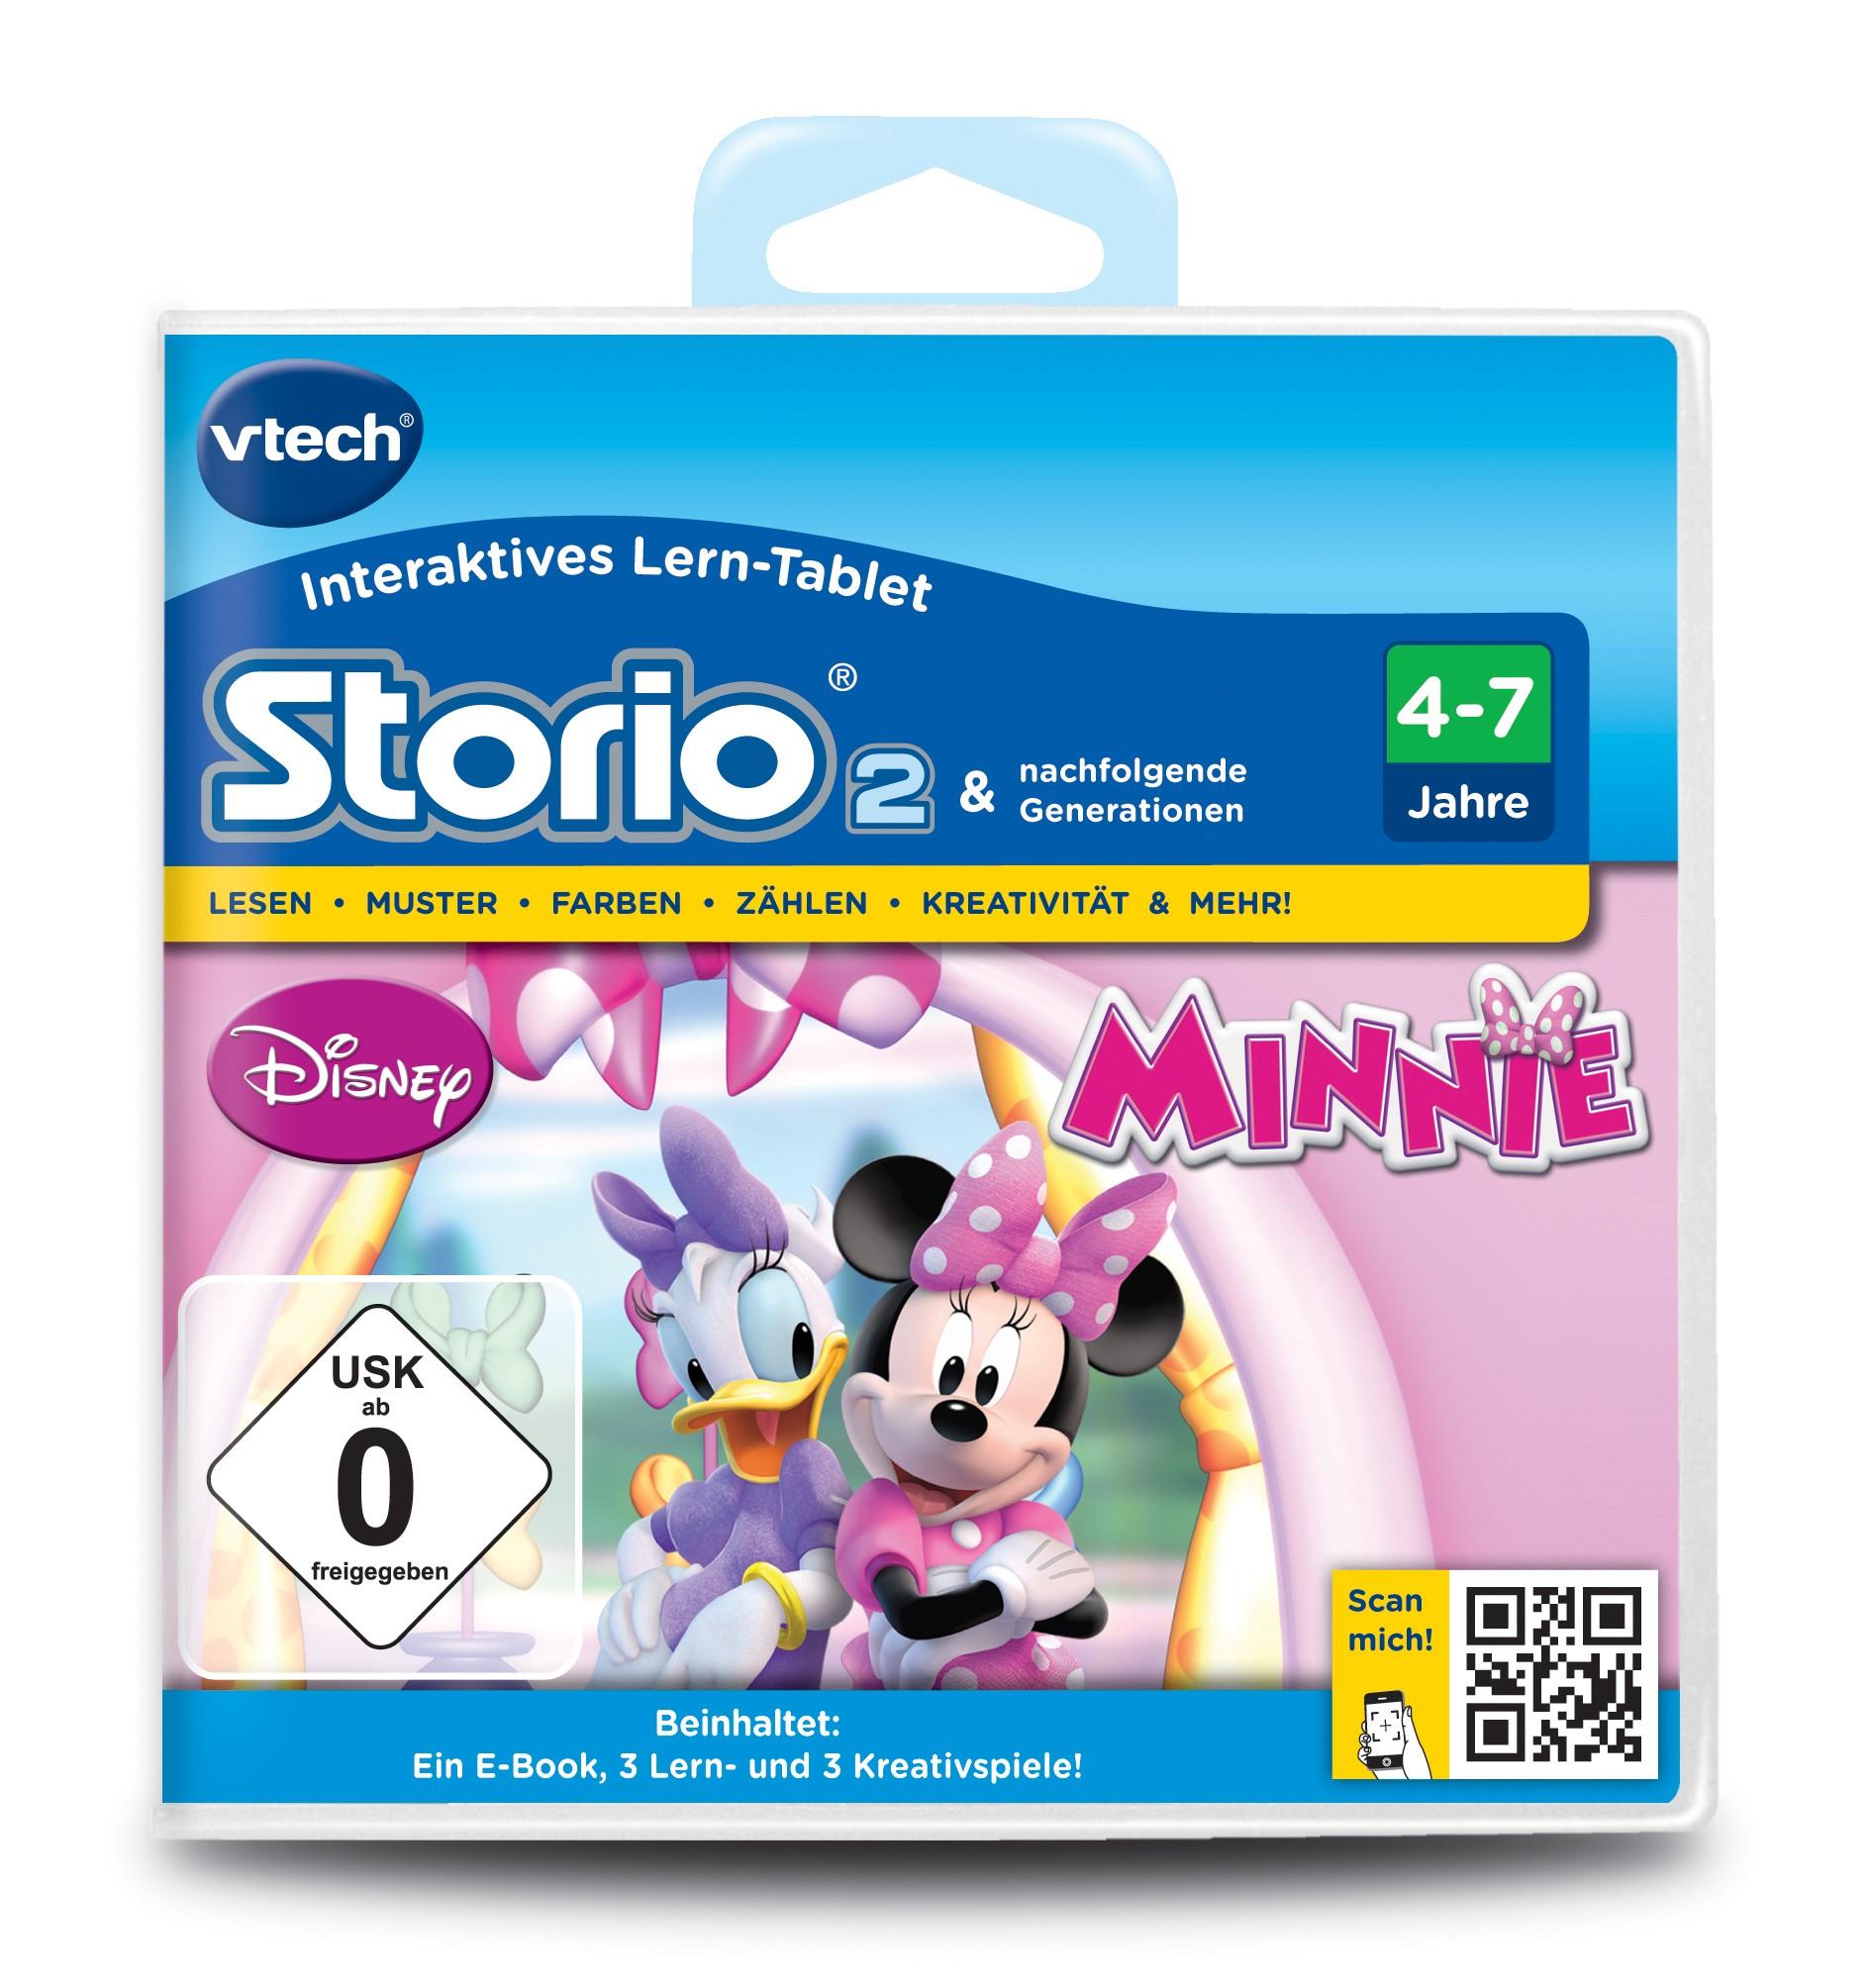 VTech Storio 2 Lernspiel Spielkassette Minnies Schleifen Boutique